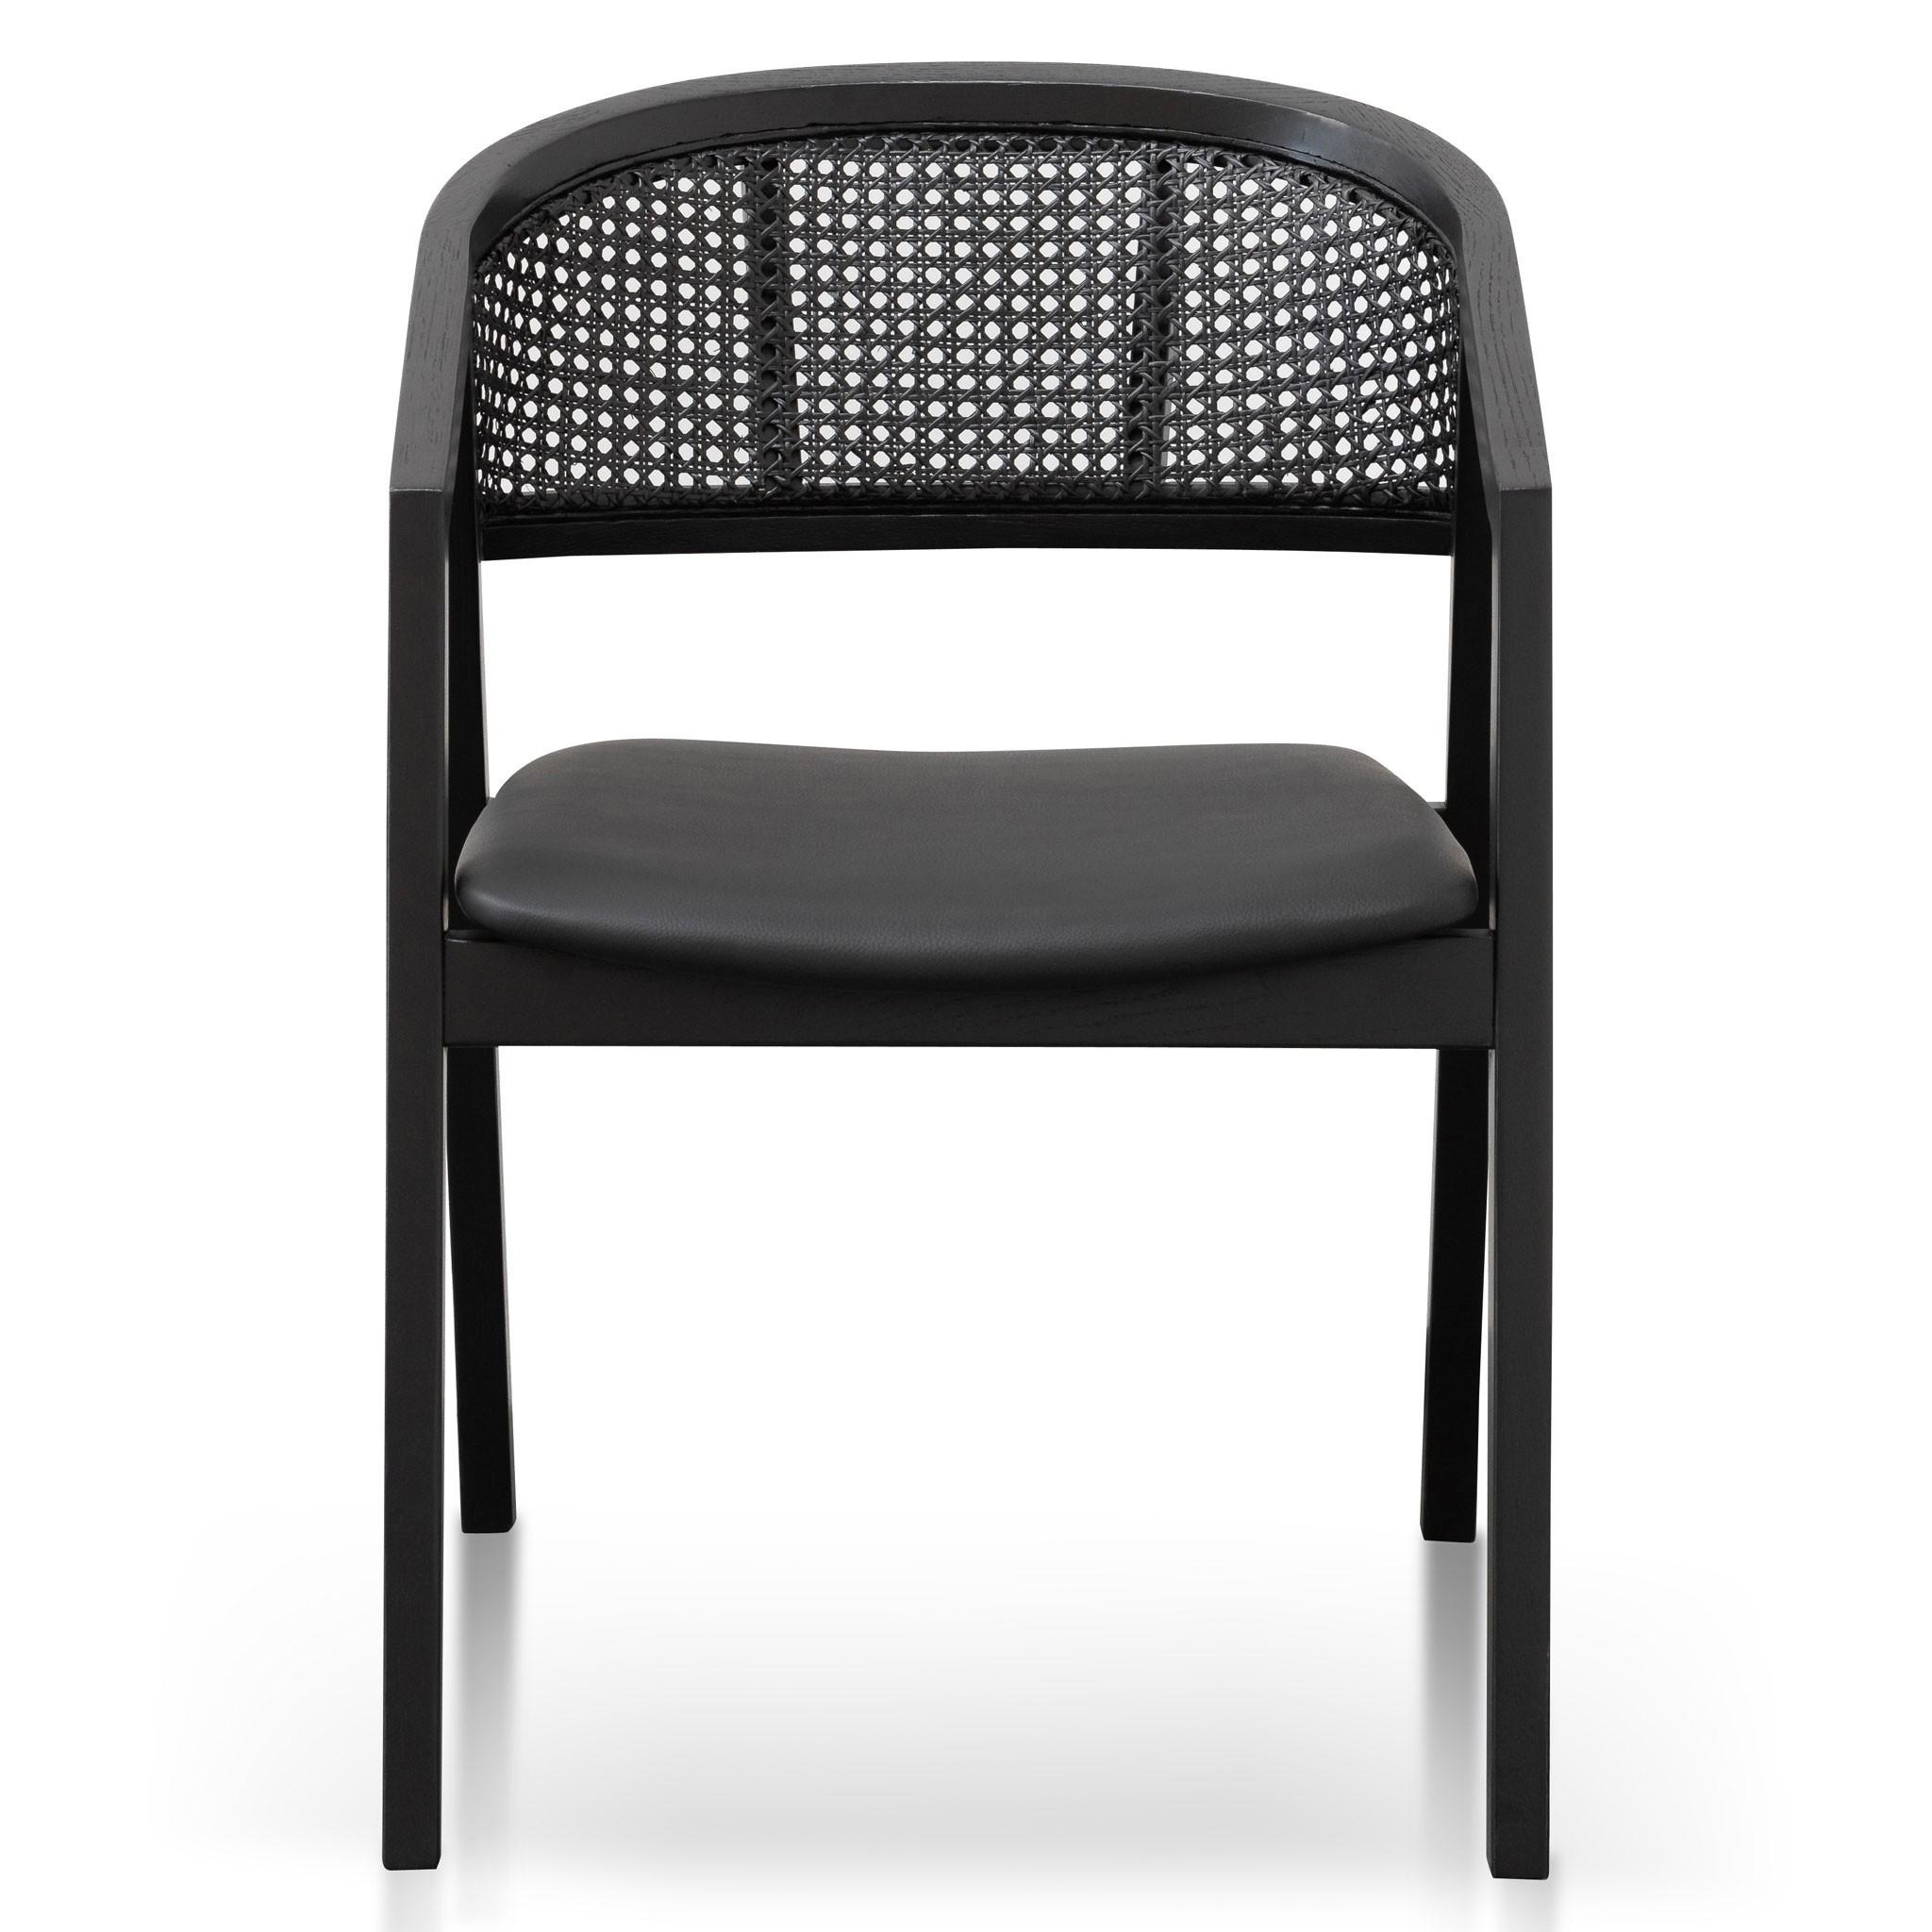 Hampden Wooden Dining Chair, Black